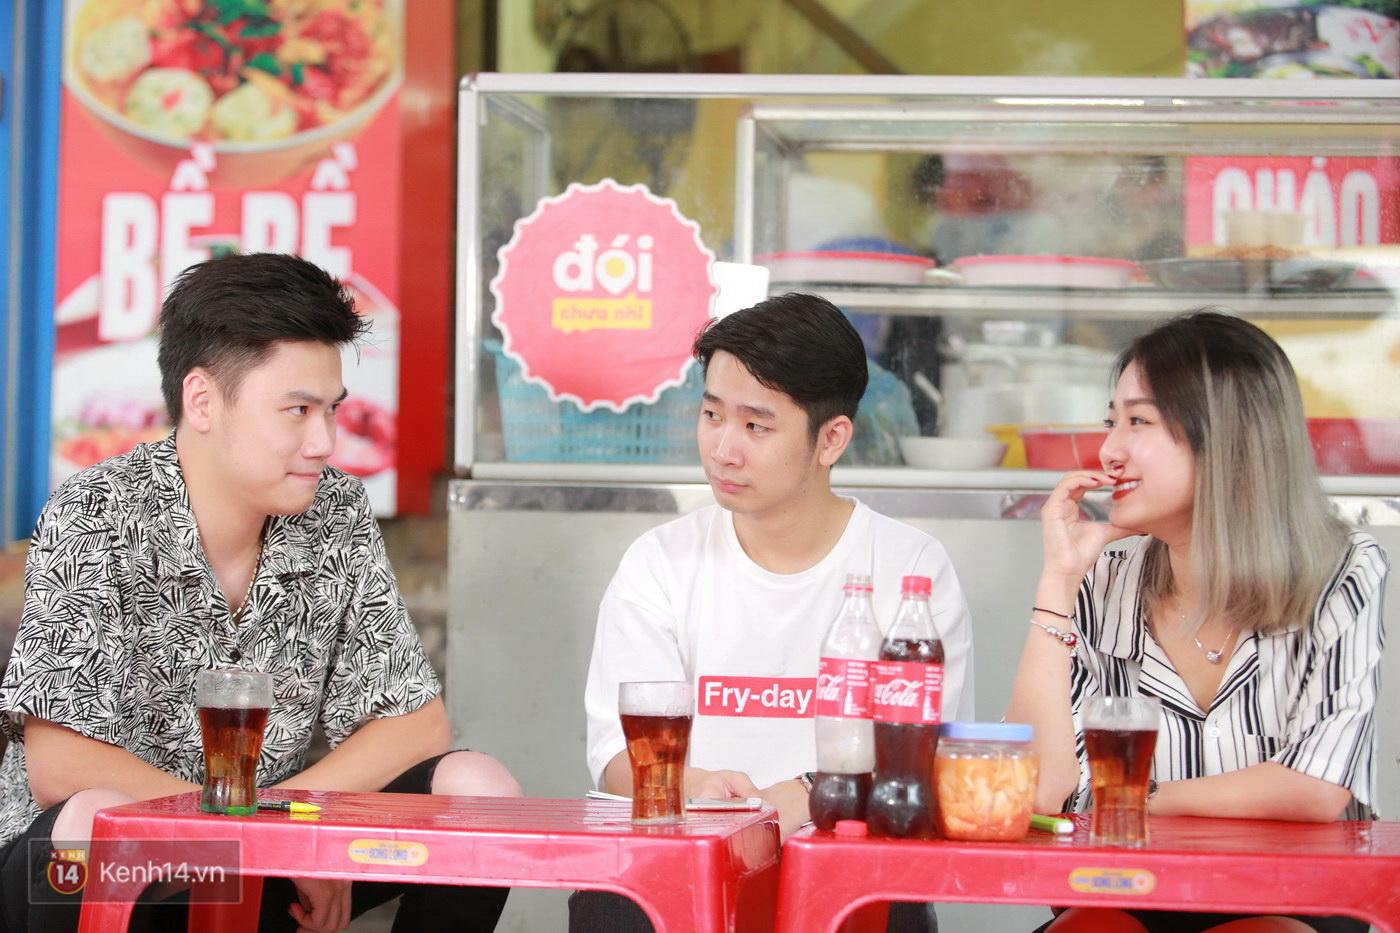 Đói Chưa Nhỉ: Những khoảnh khắc đáng yêu của cặp đôi nổi tiếng Tùng Sơn - Trang Lou - Ảnh 8.